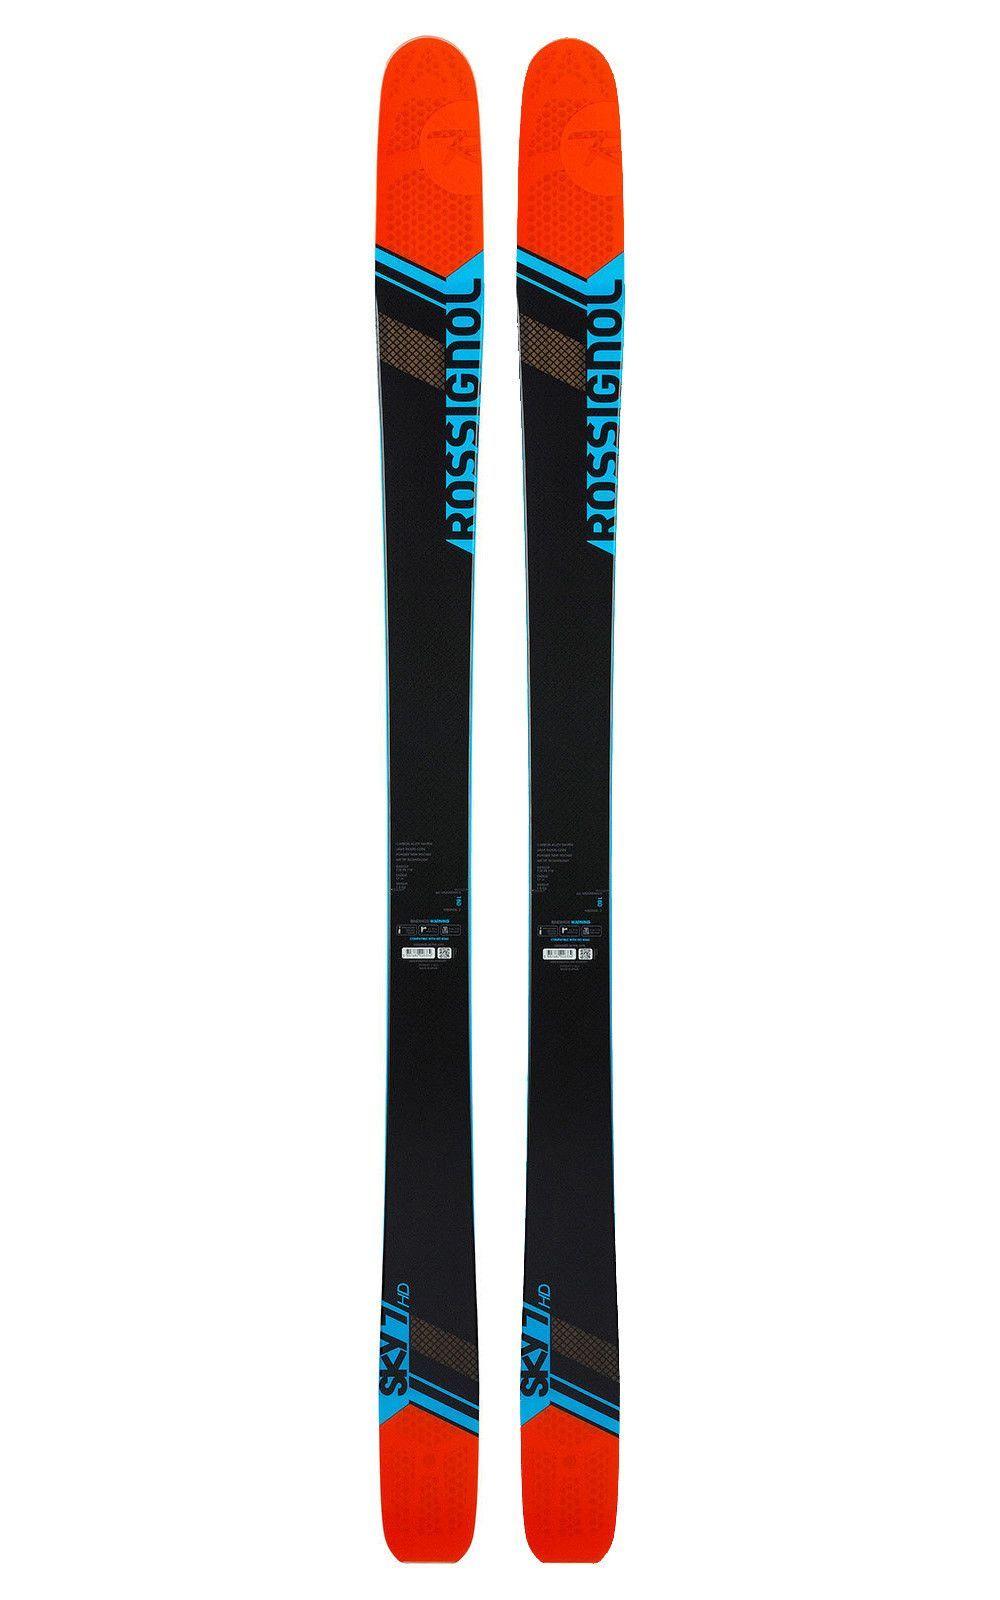 Rossignol Sky 7 Hd W Skis 2017 Freeride Ski Skiing Freeride